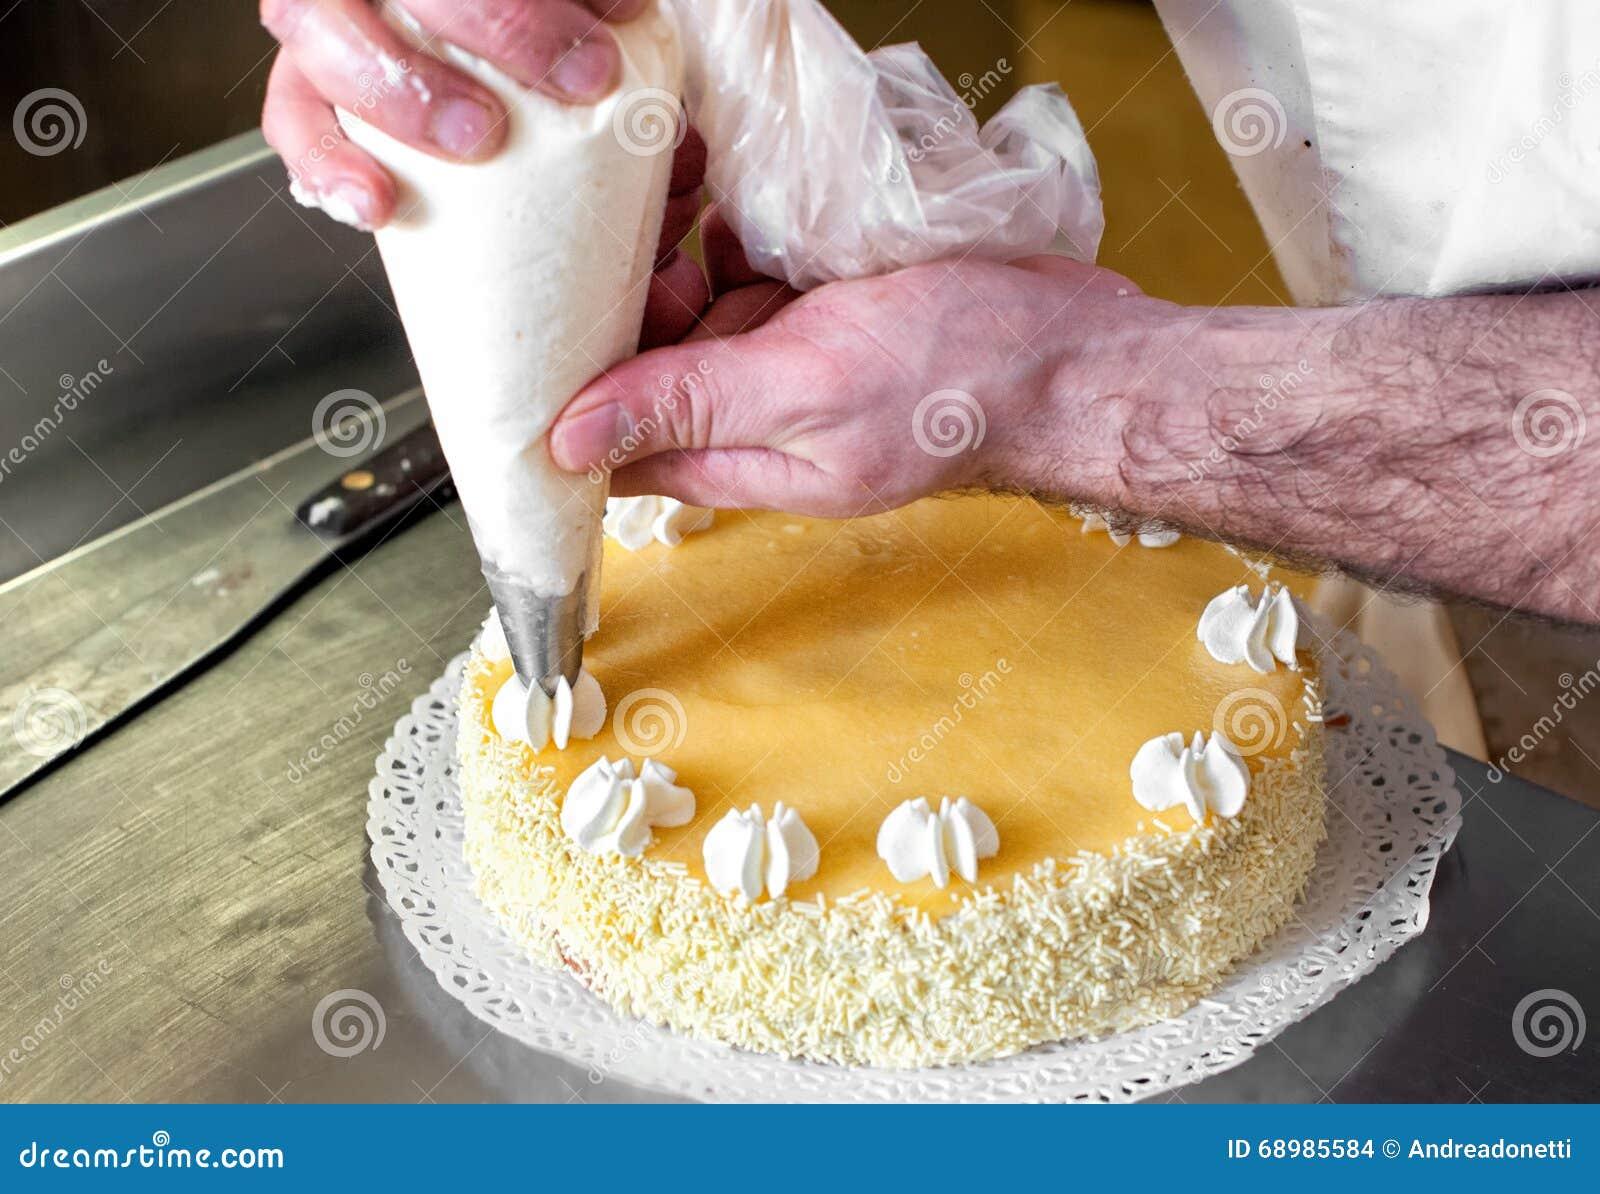 Décorations crèmes sifflantes de Baker sur un gâteau